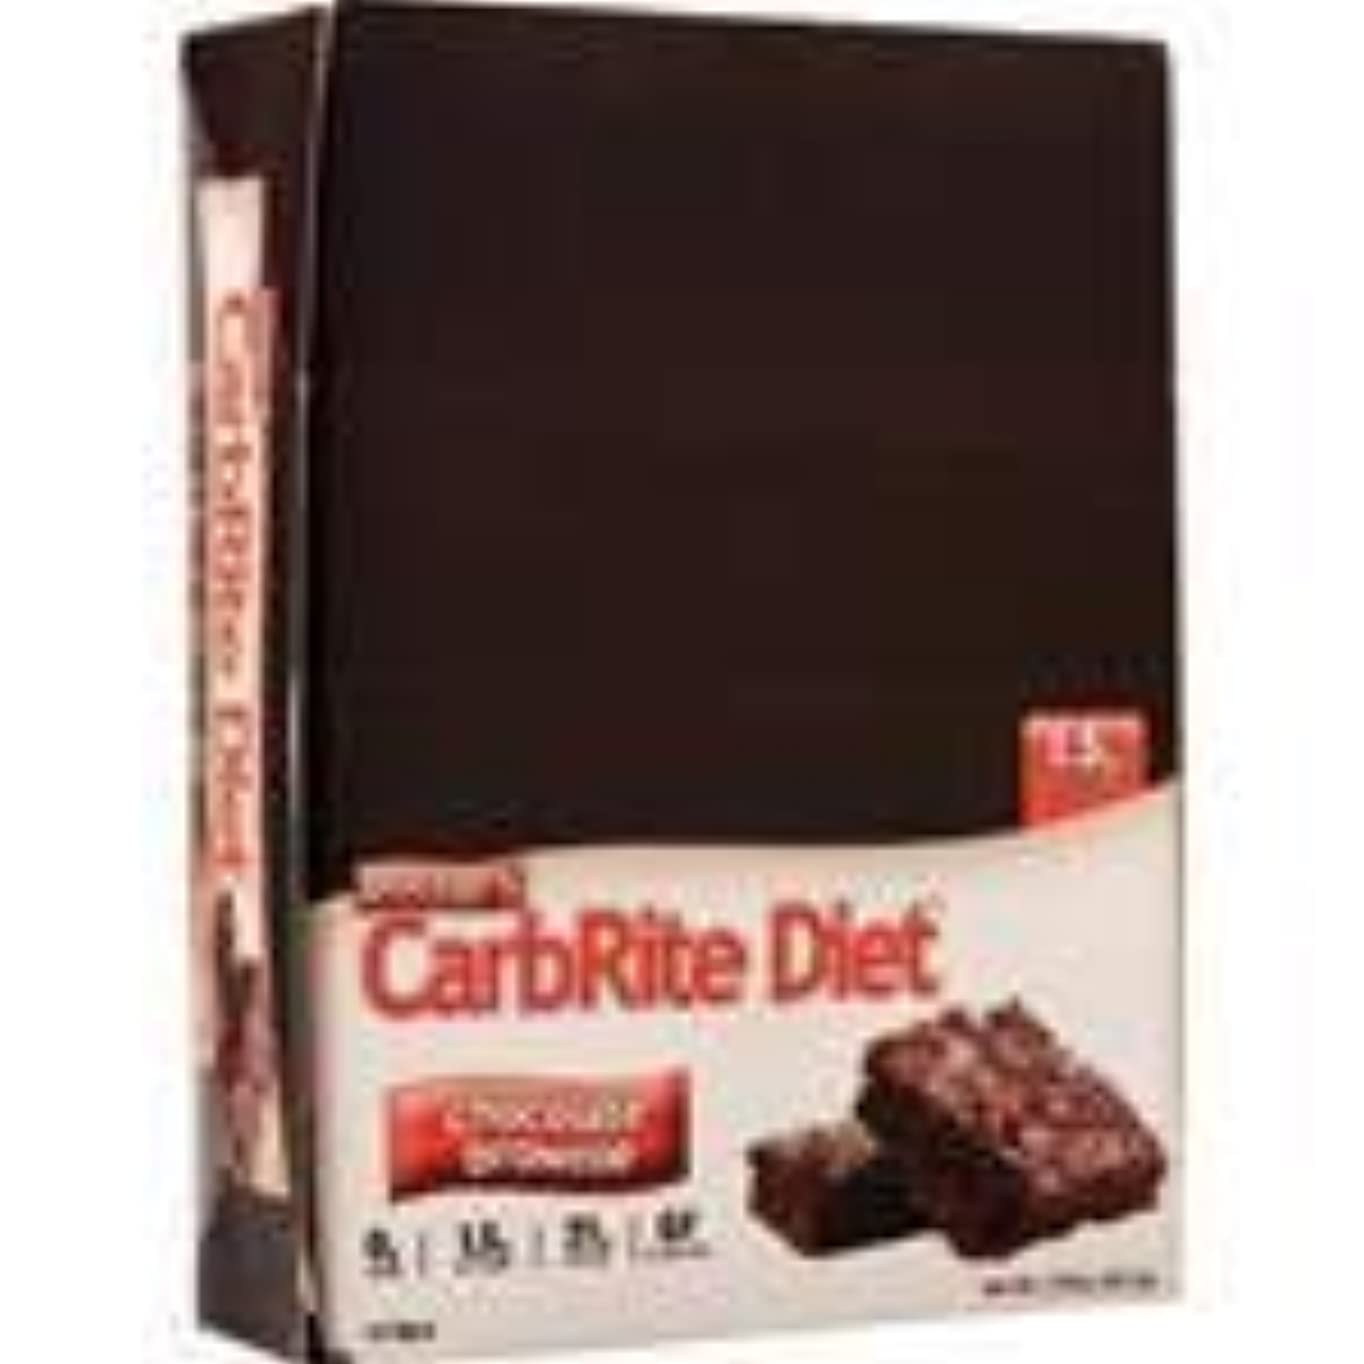 壁紙ページ小売ドクターズダイエット?カーボライトバー?チョコレートブラウニー 12本 2個パック